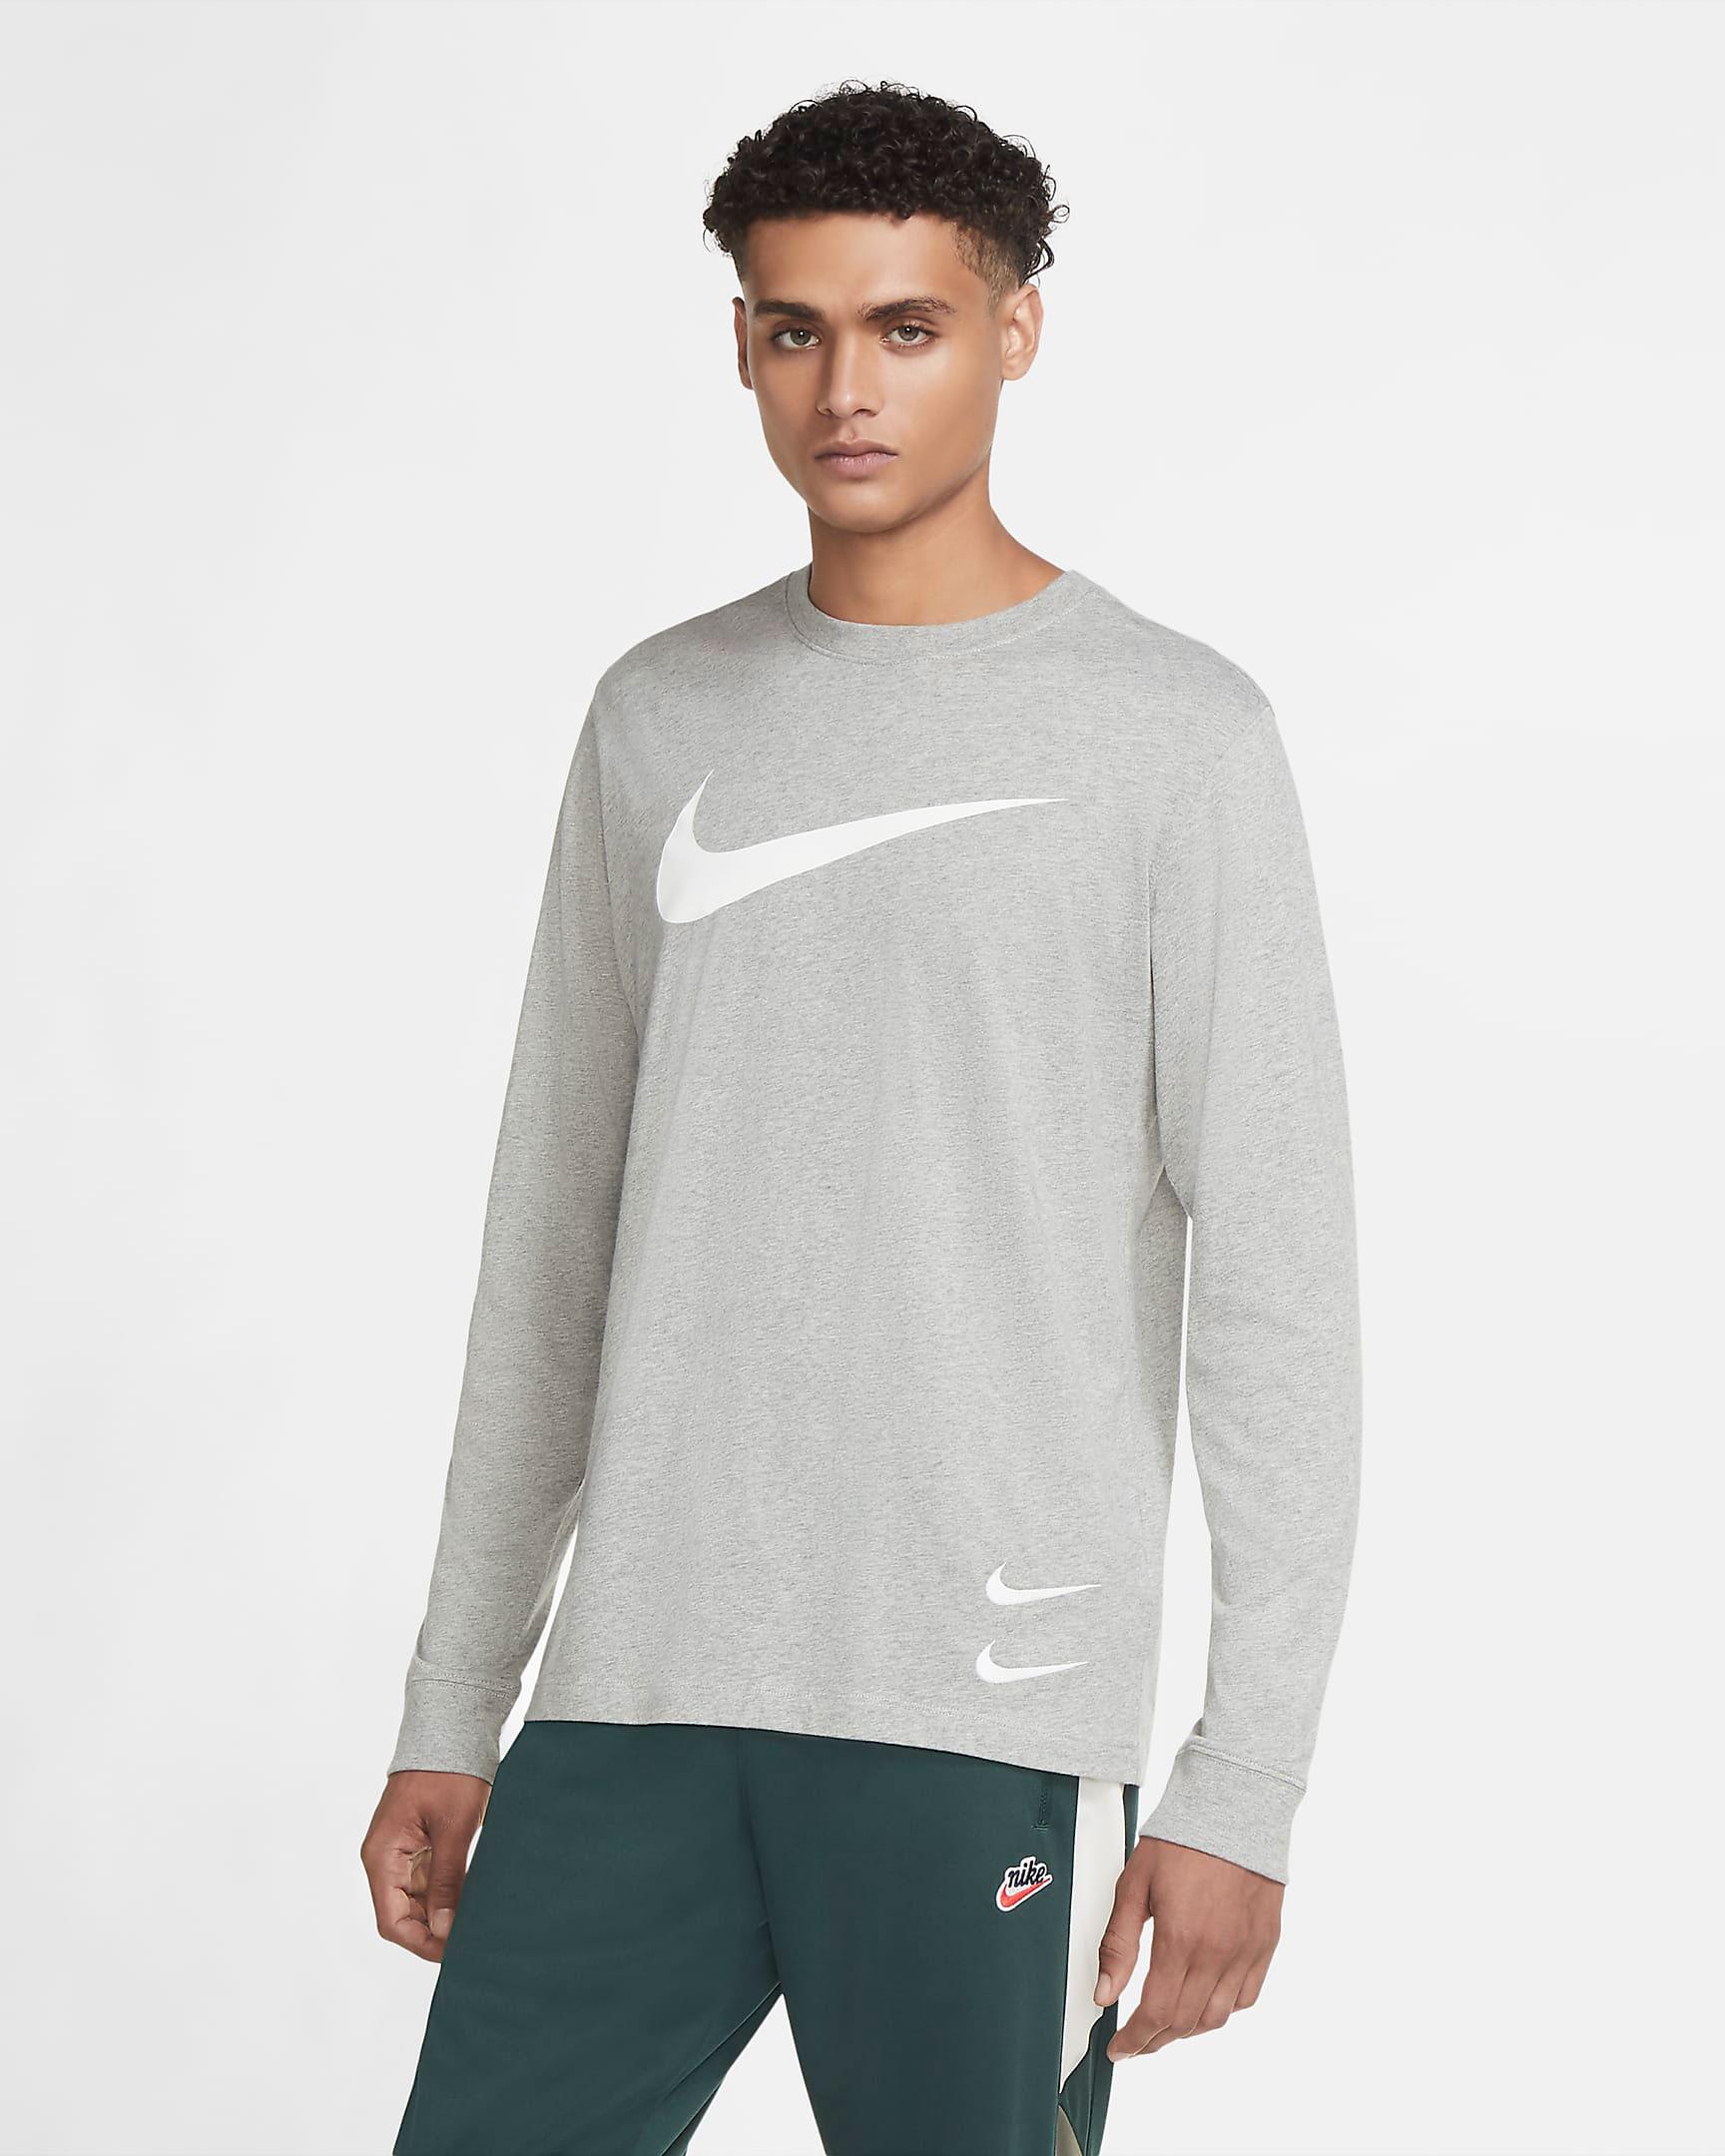 nike-adapt-bb-2-mag-shirt-3